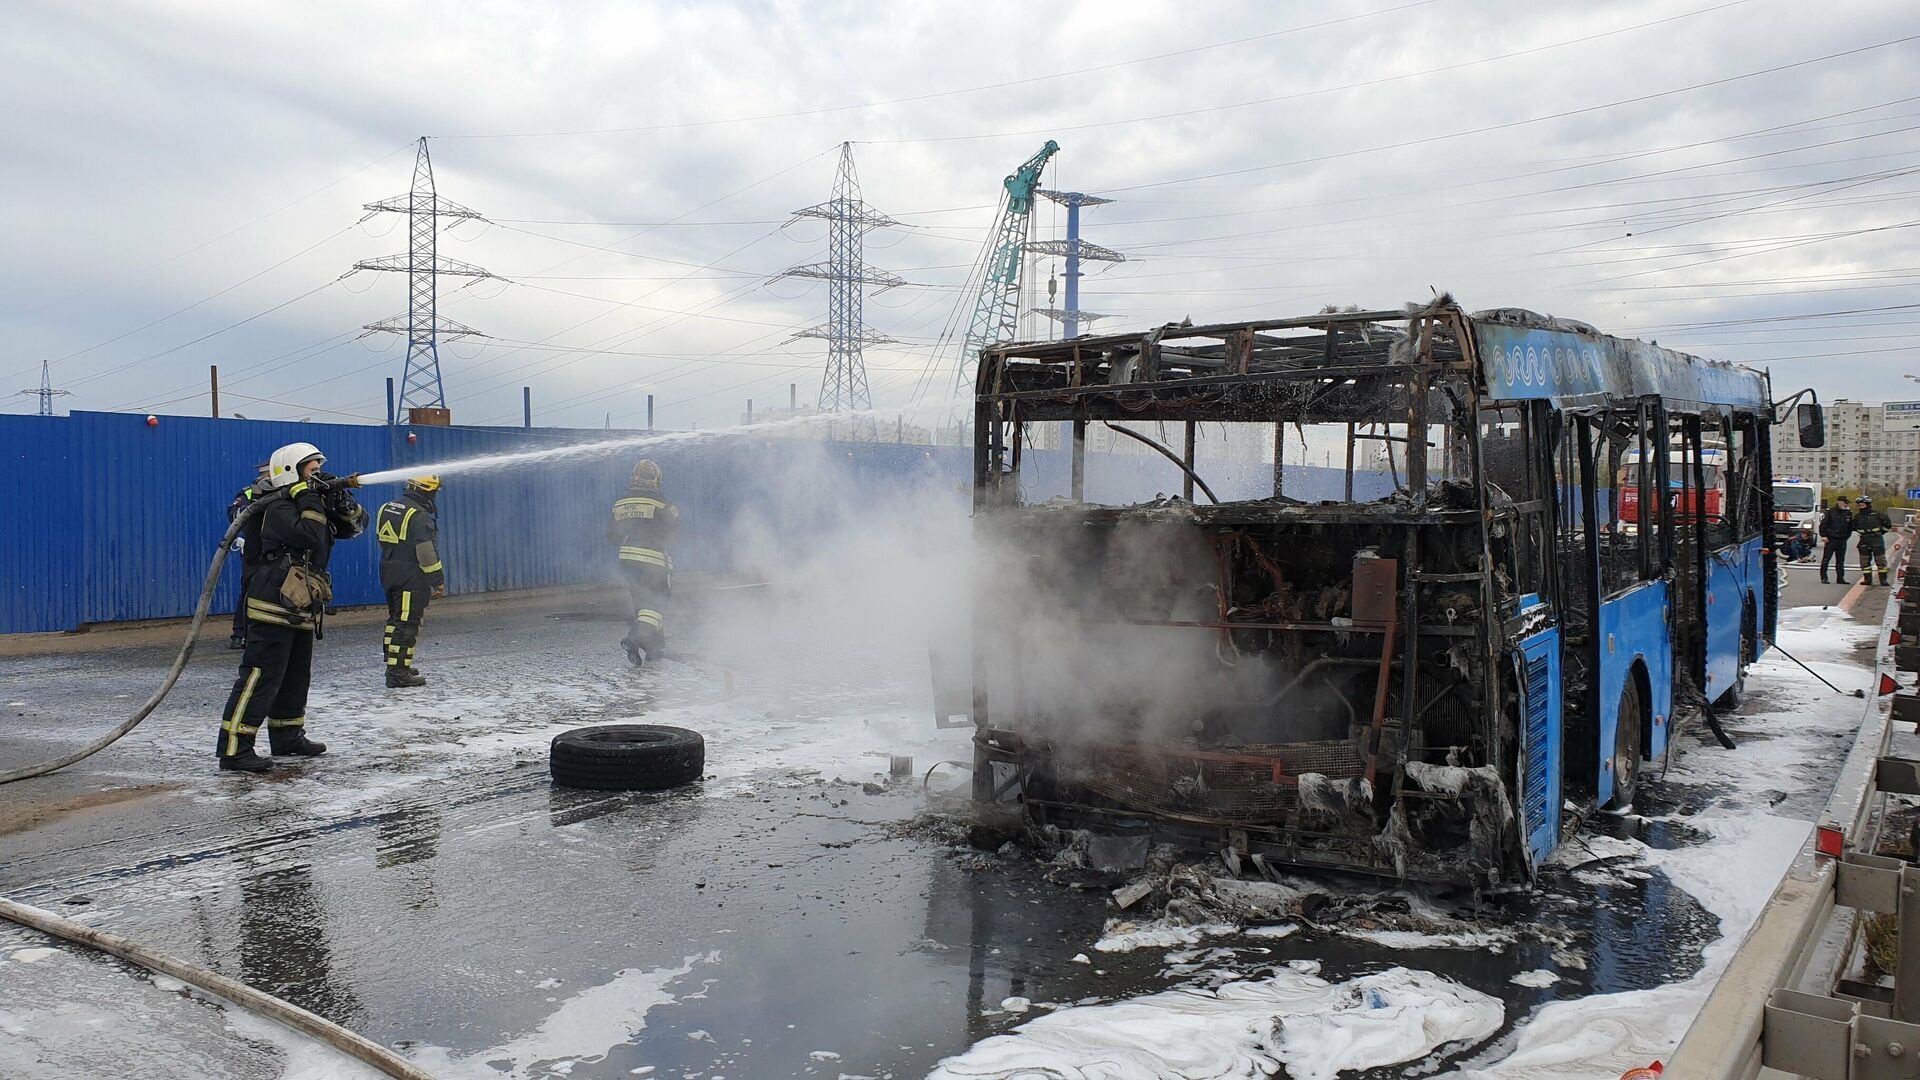 Устранение последствий возгорания автобуса на пересечении Алтуфьевского шоссе и МКАД - РИА Новости, 1920, 09.05.2021